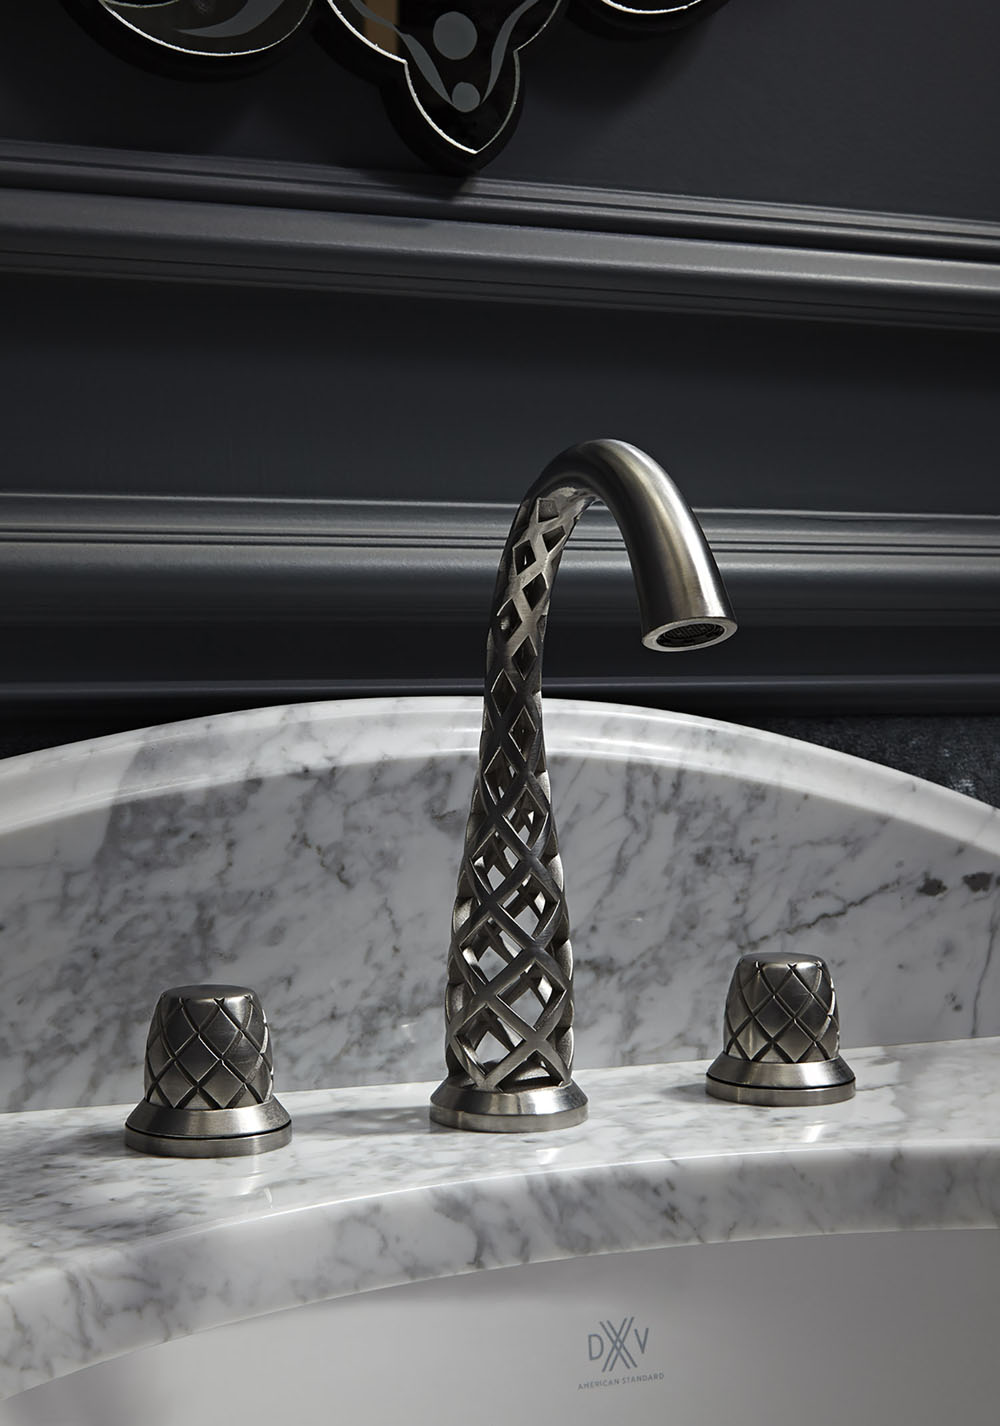 Дизайнерские смесители в ванную. 3D принты в виде решётки